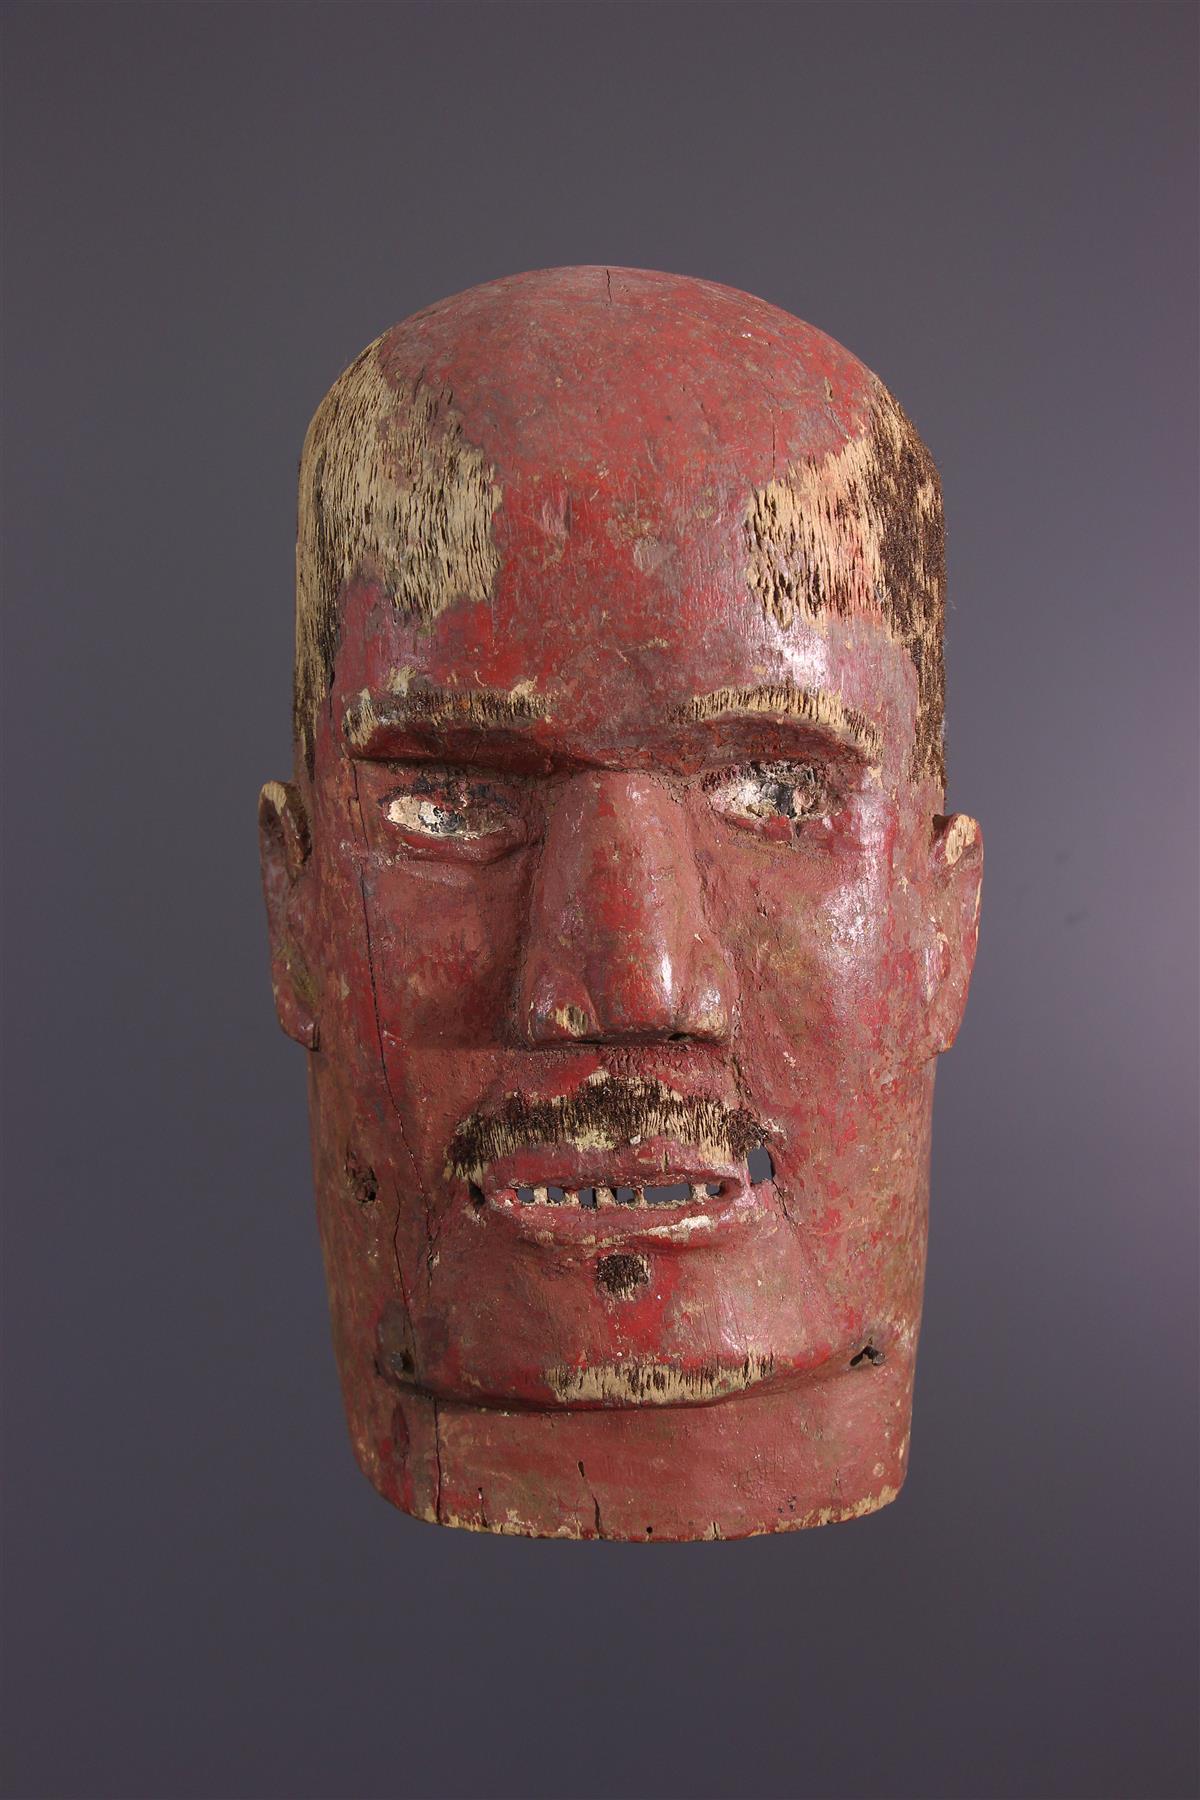 Tanzania Mask - Tribal art